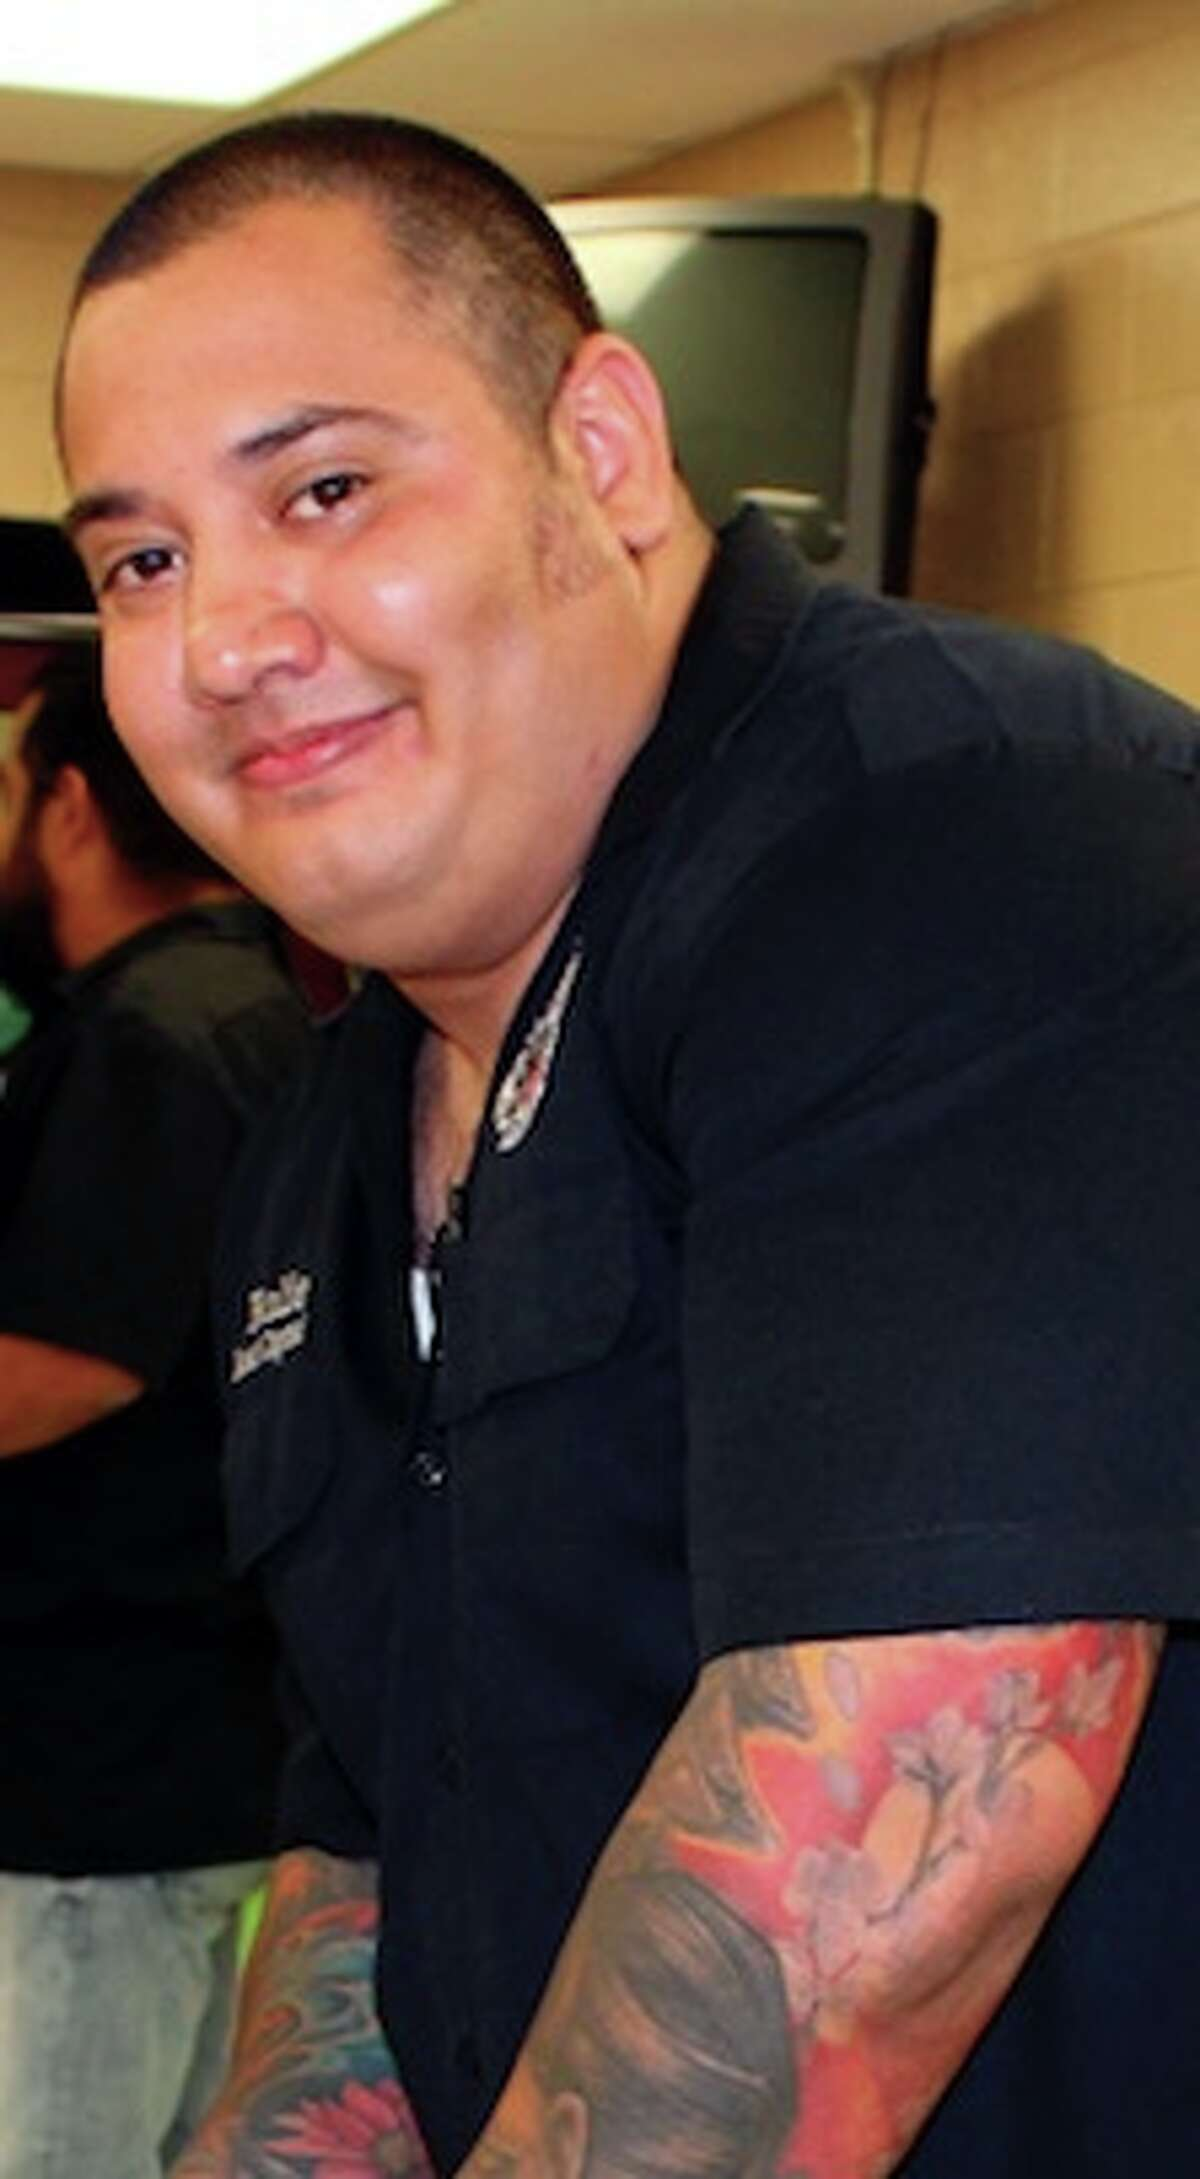 Rolando Solis